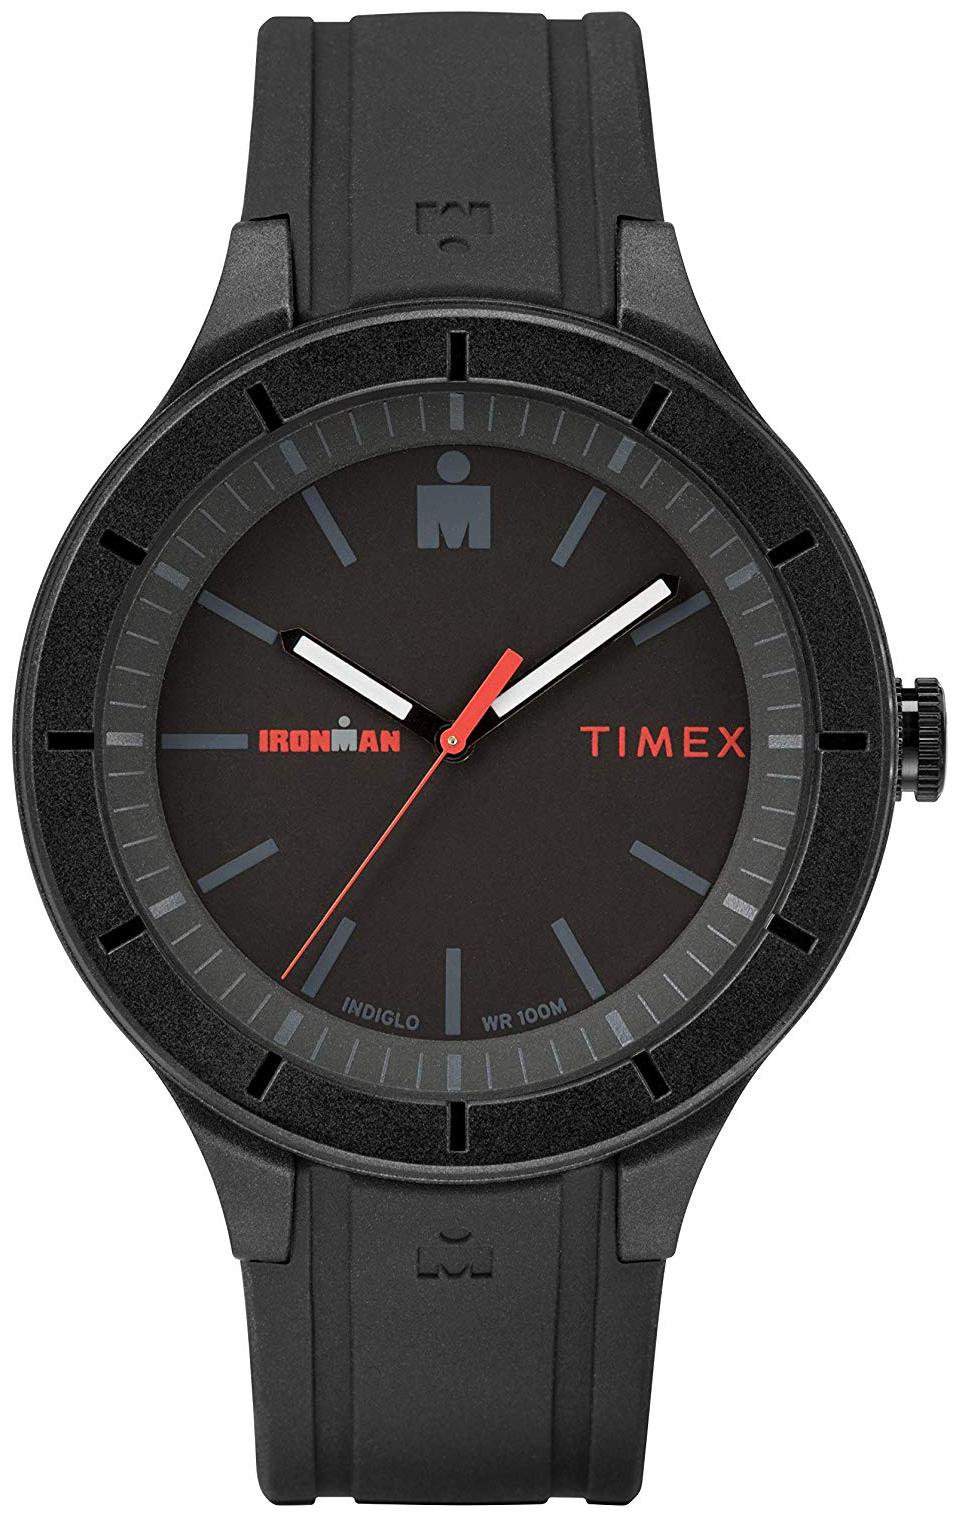 Timex Ironman Herreklokke TW5M16800 Sort/Gummi Ø42.5 mm - Timex